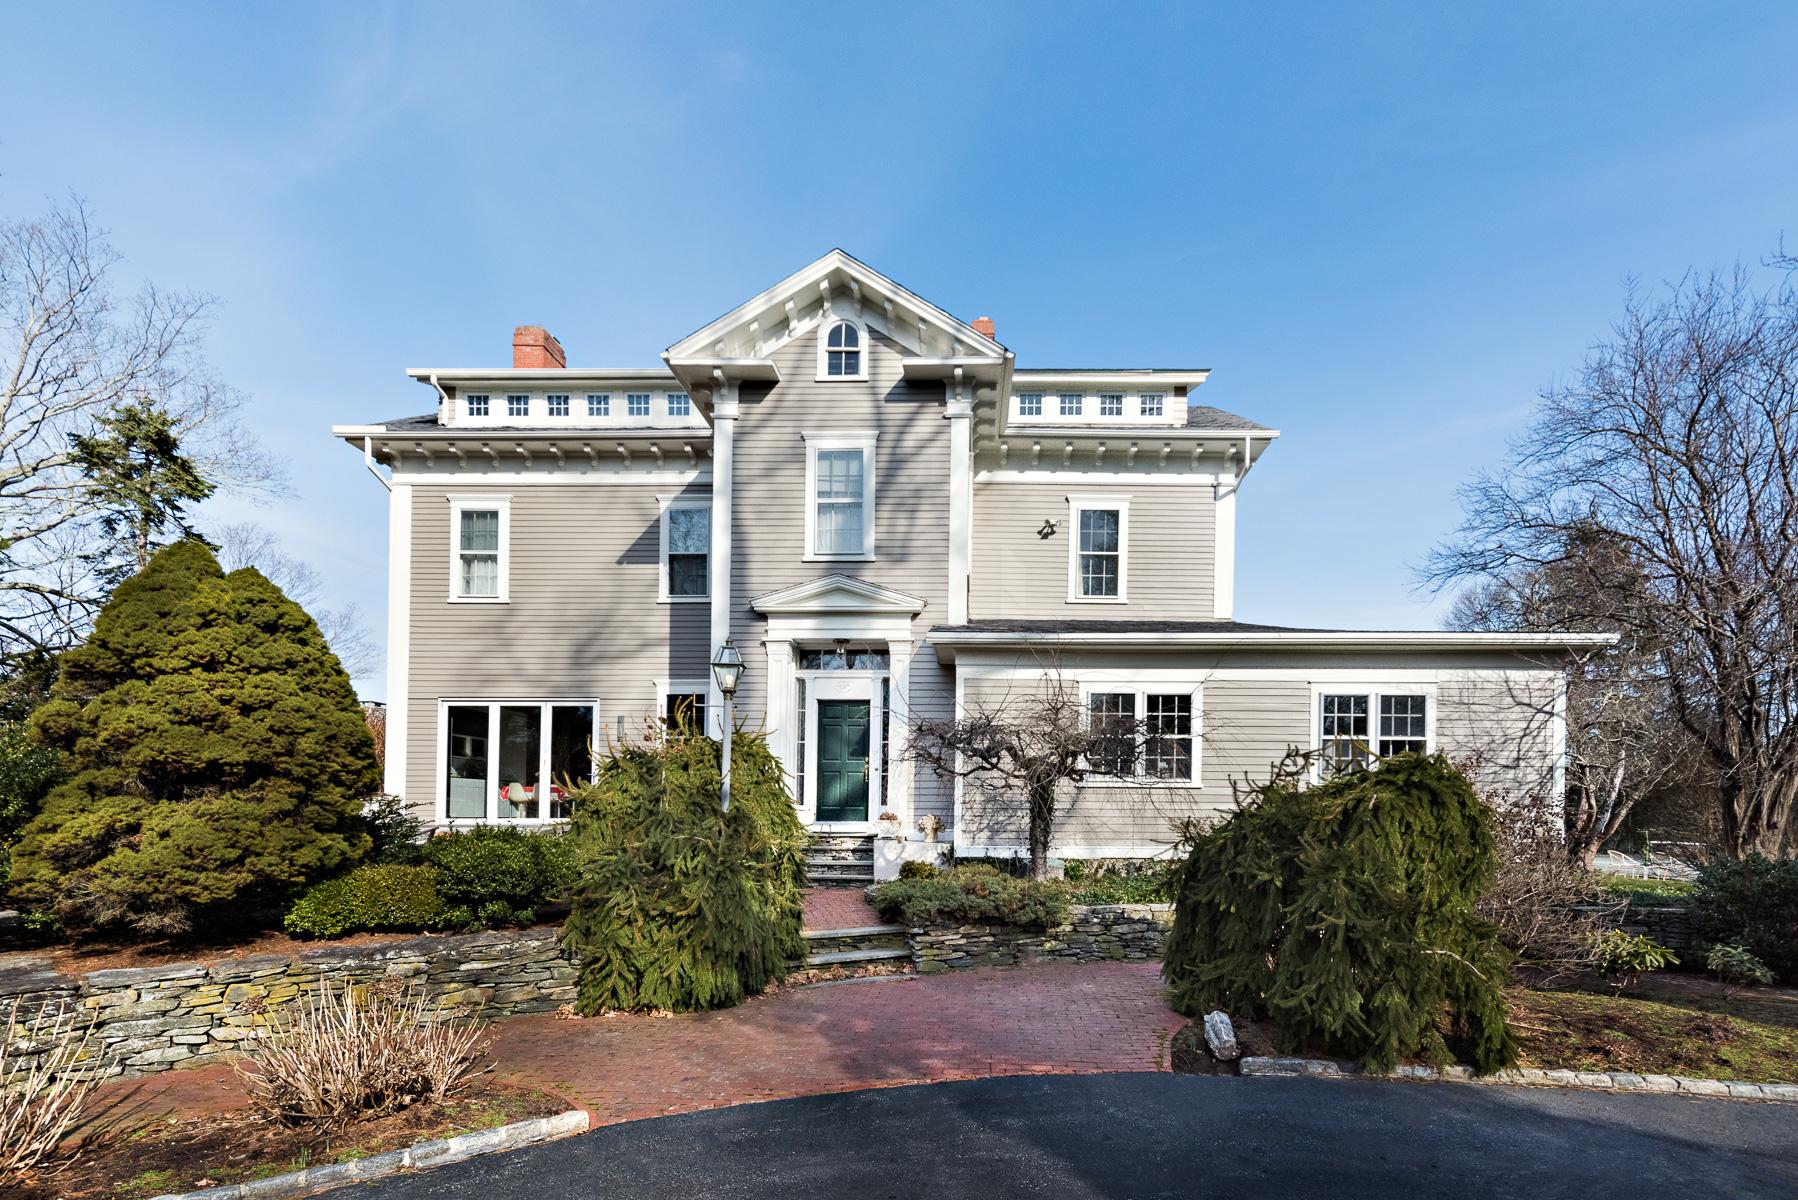 Casa Unifamiliar por un Venta en 129 RUMSTICK ROAD BARRINGTON, RHODE ISLAND 129 Rumstick Rd Barrington, Rhode Island, 02806 Estados Unidos